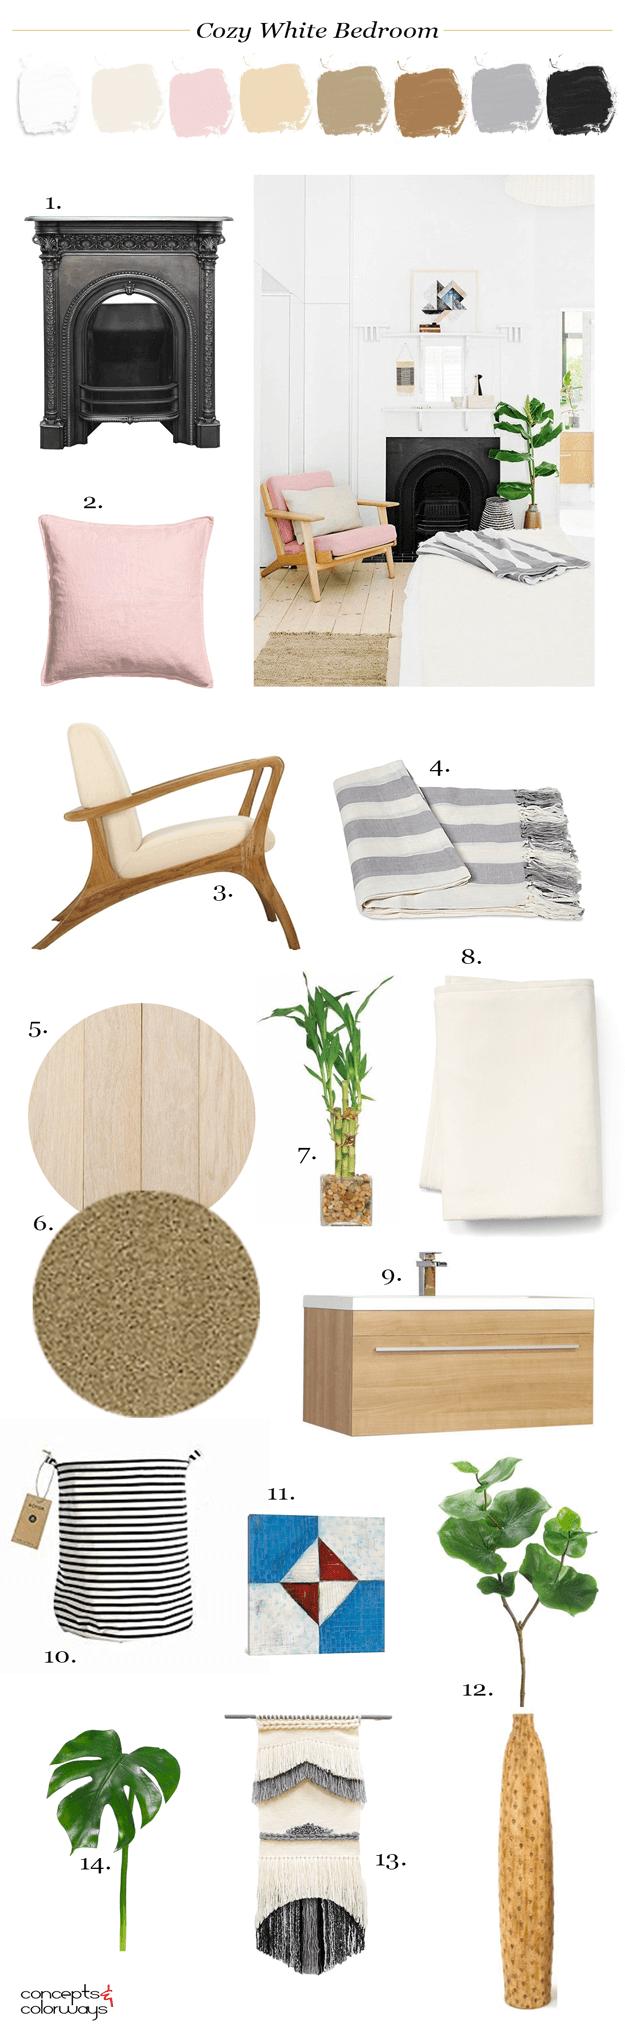 white bedroom interior design mood board